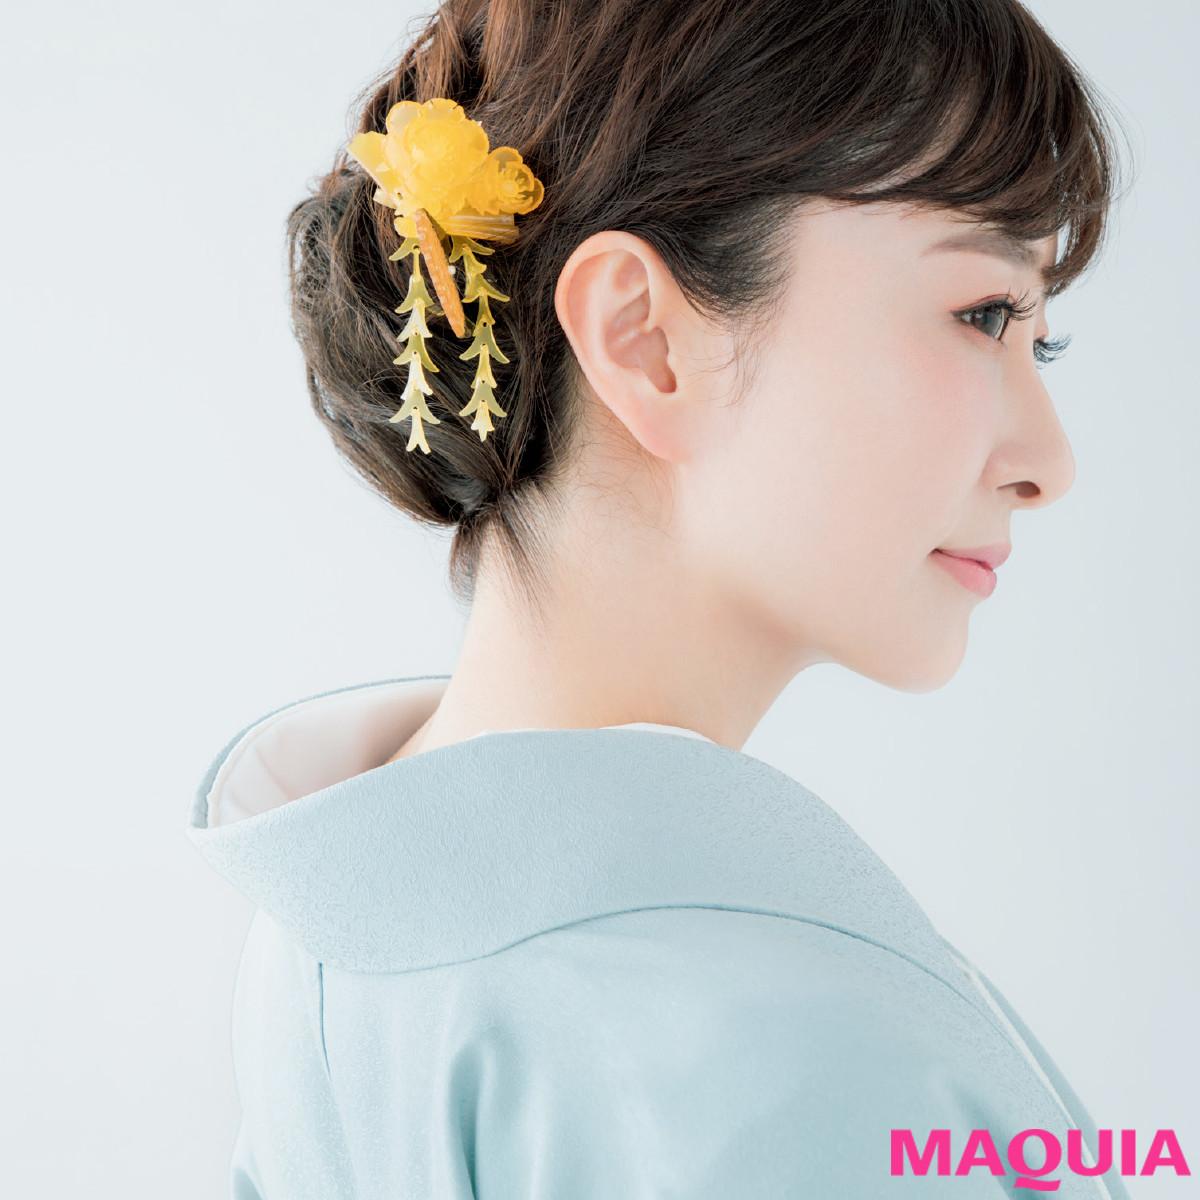 【美容家・石井美保さんの美肌の秘密】「出来ないときは諦める。肌は何度でも立て直せるから」_